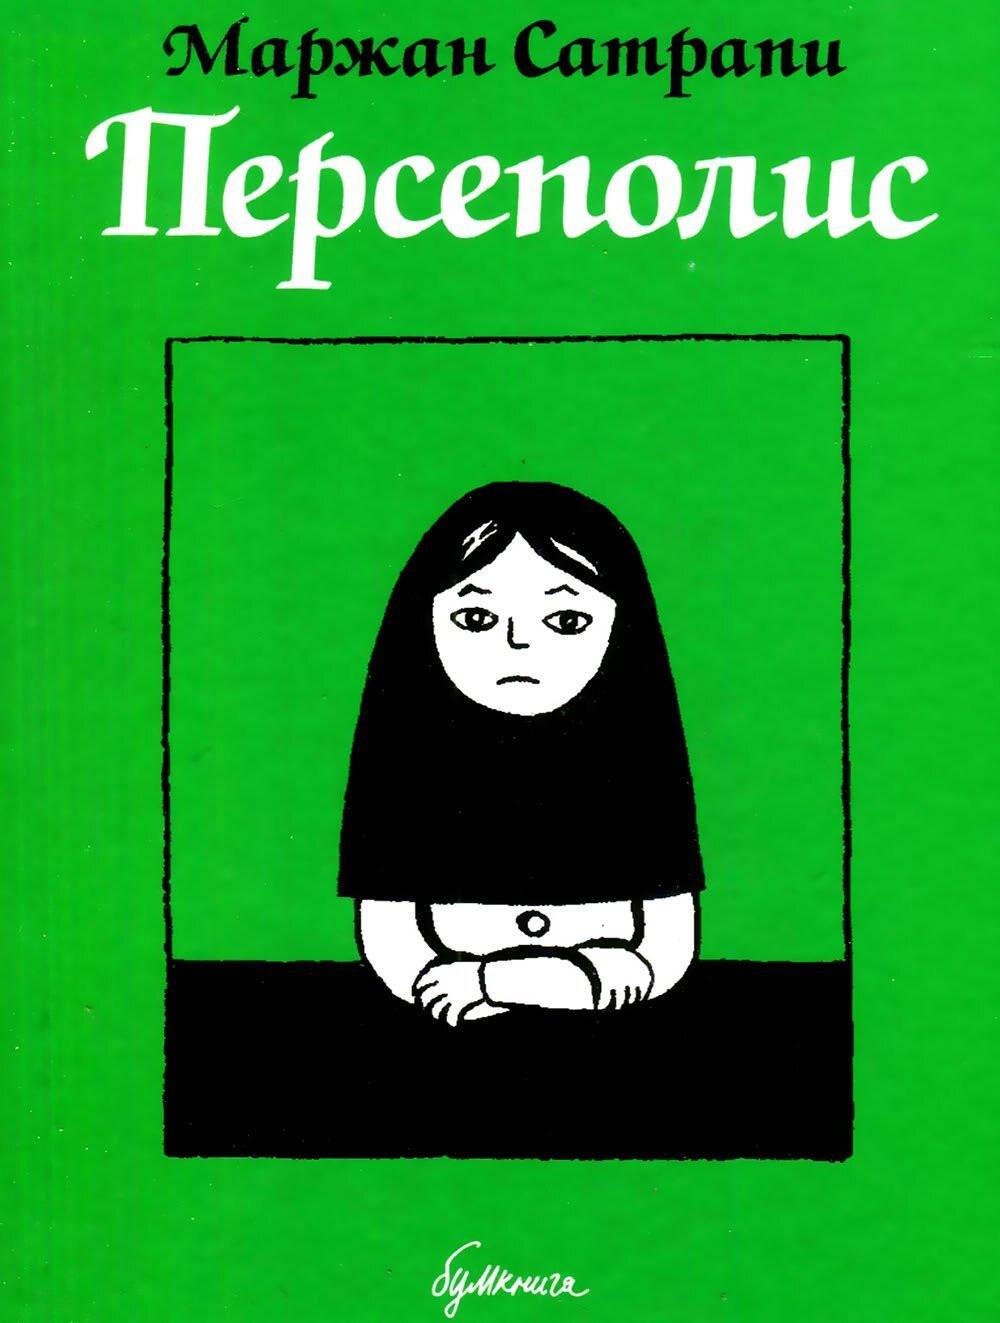 Исторический комикс Персеполис, Маржан Сатрапи. Том 1. Обложка. Блог о комиксах Vaes Okshn